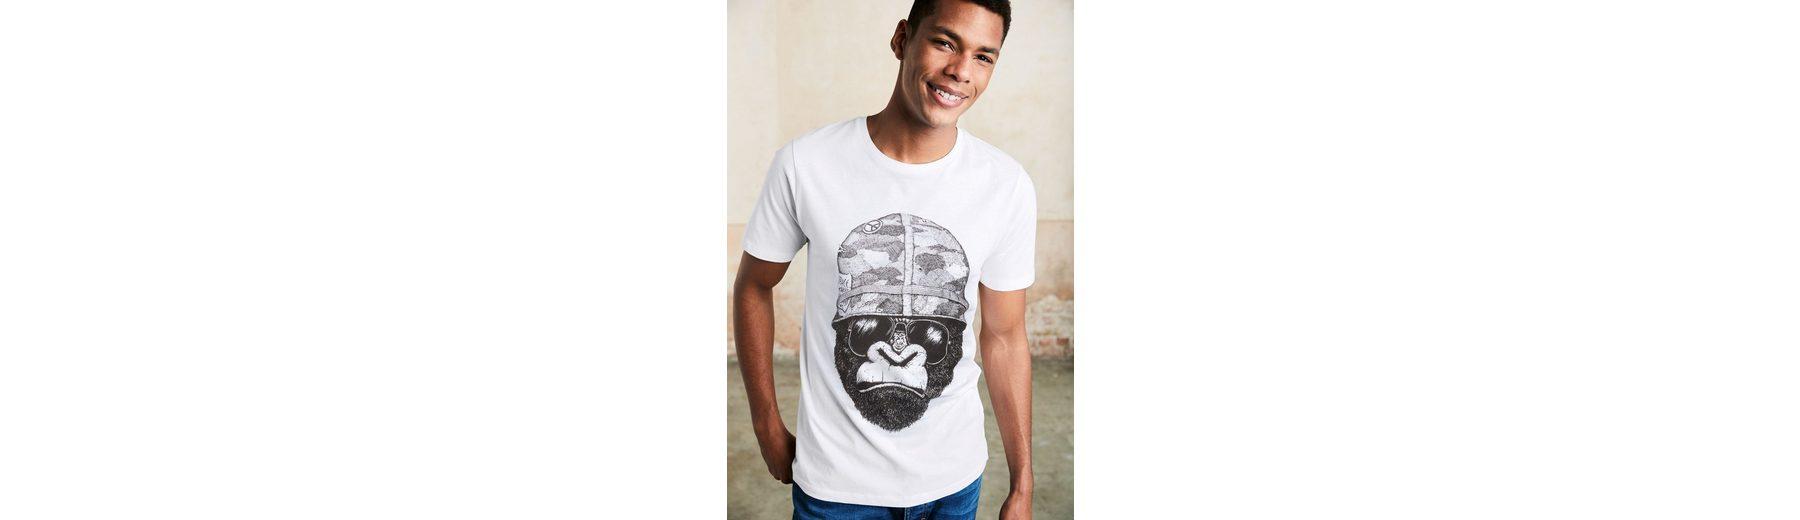 Next T-Shirt mit Gorilla-Print  Verkaufsschlager m8q54Tw